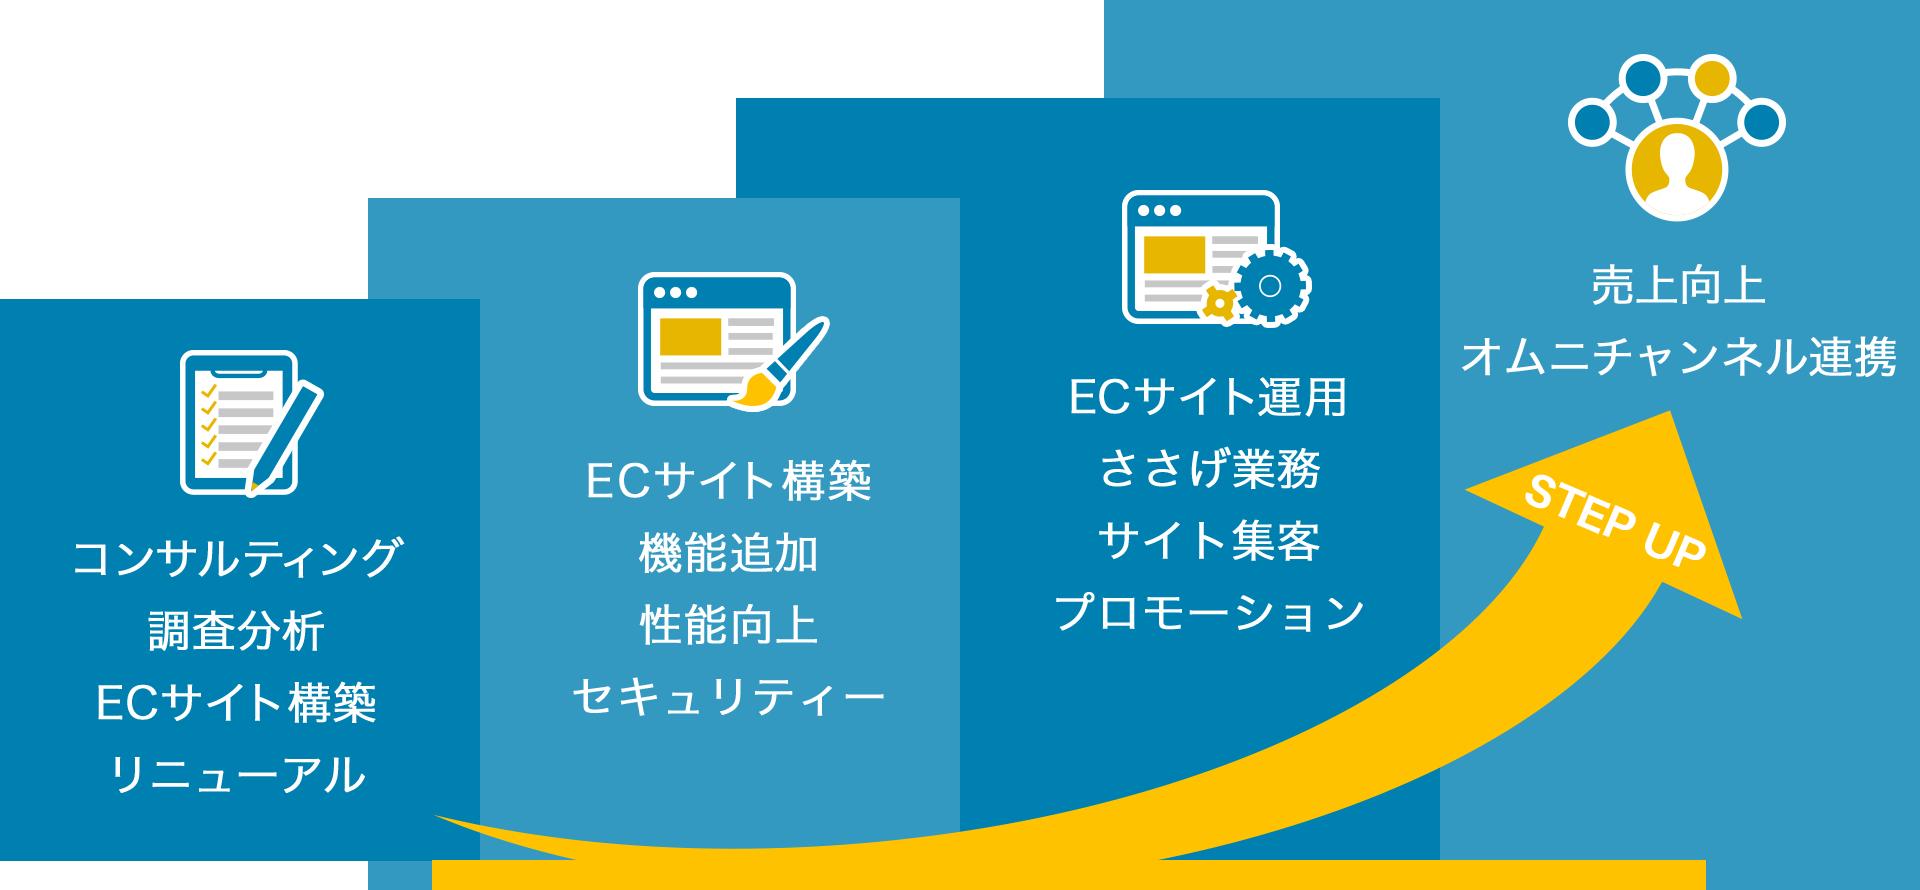 EC業務のフルアウトソーシング ECシステム構築から、EC業務運用までサポート